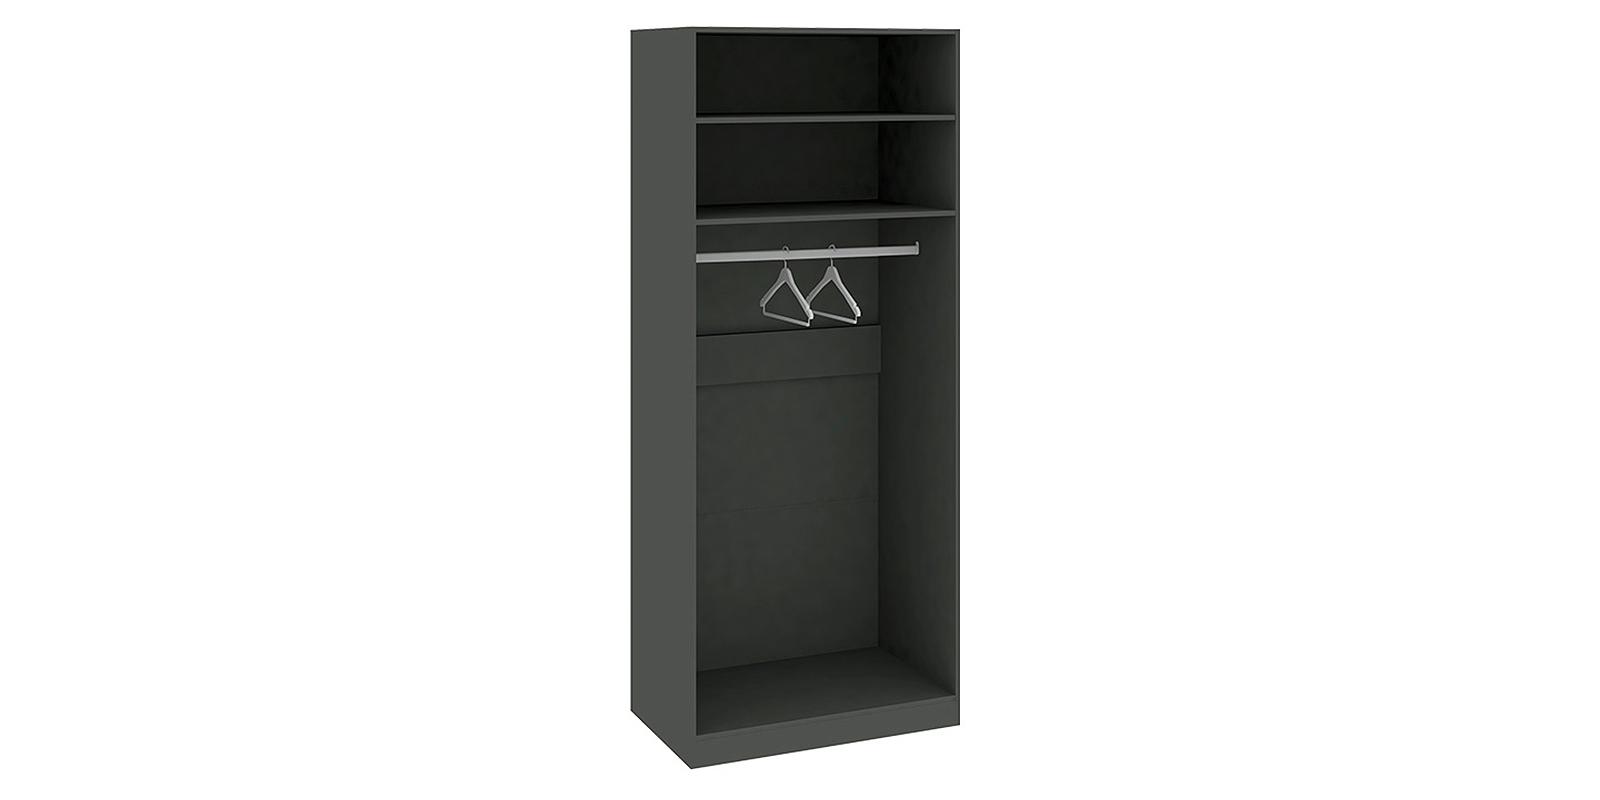 Шкаф распашной двухдверный Сорренто вариант №1 (серый/коричневый)